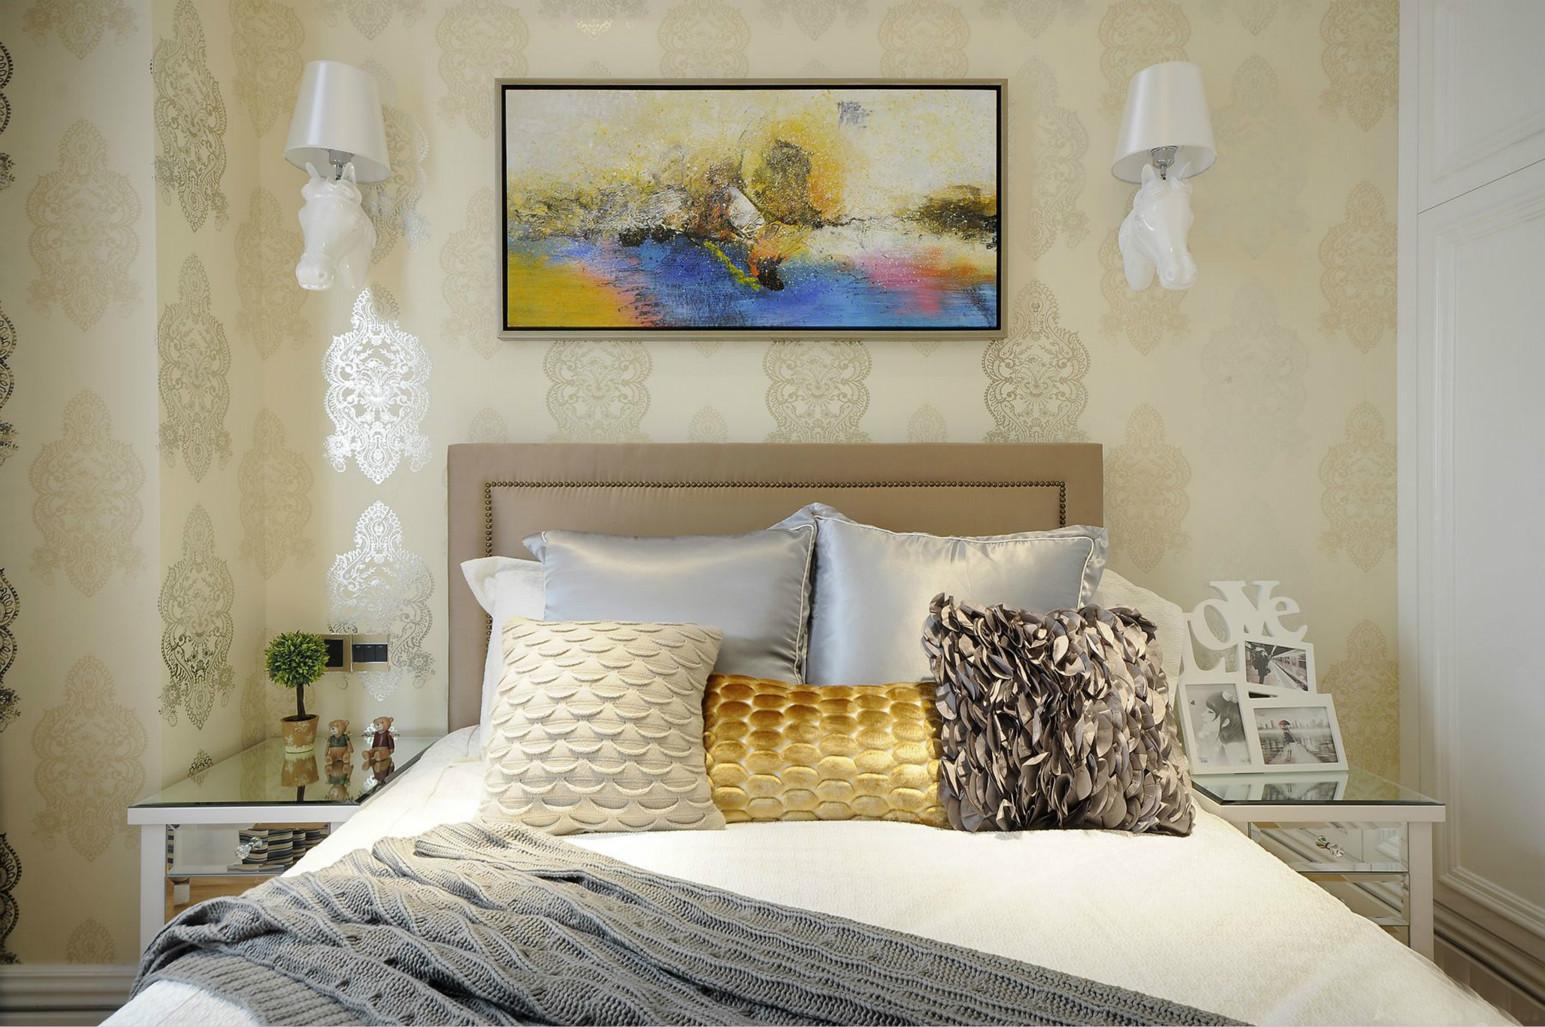 暖色系壁纸和白色的暖包大床,温馨而温暖的休息场所